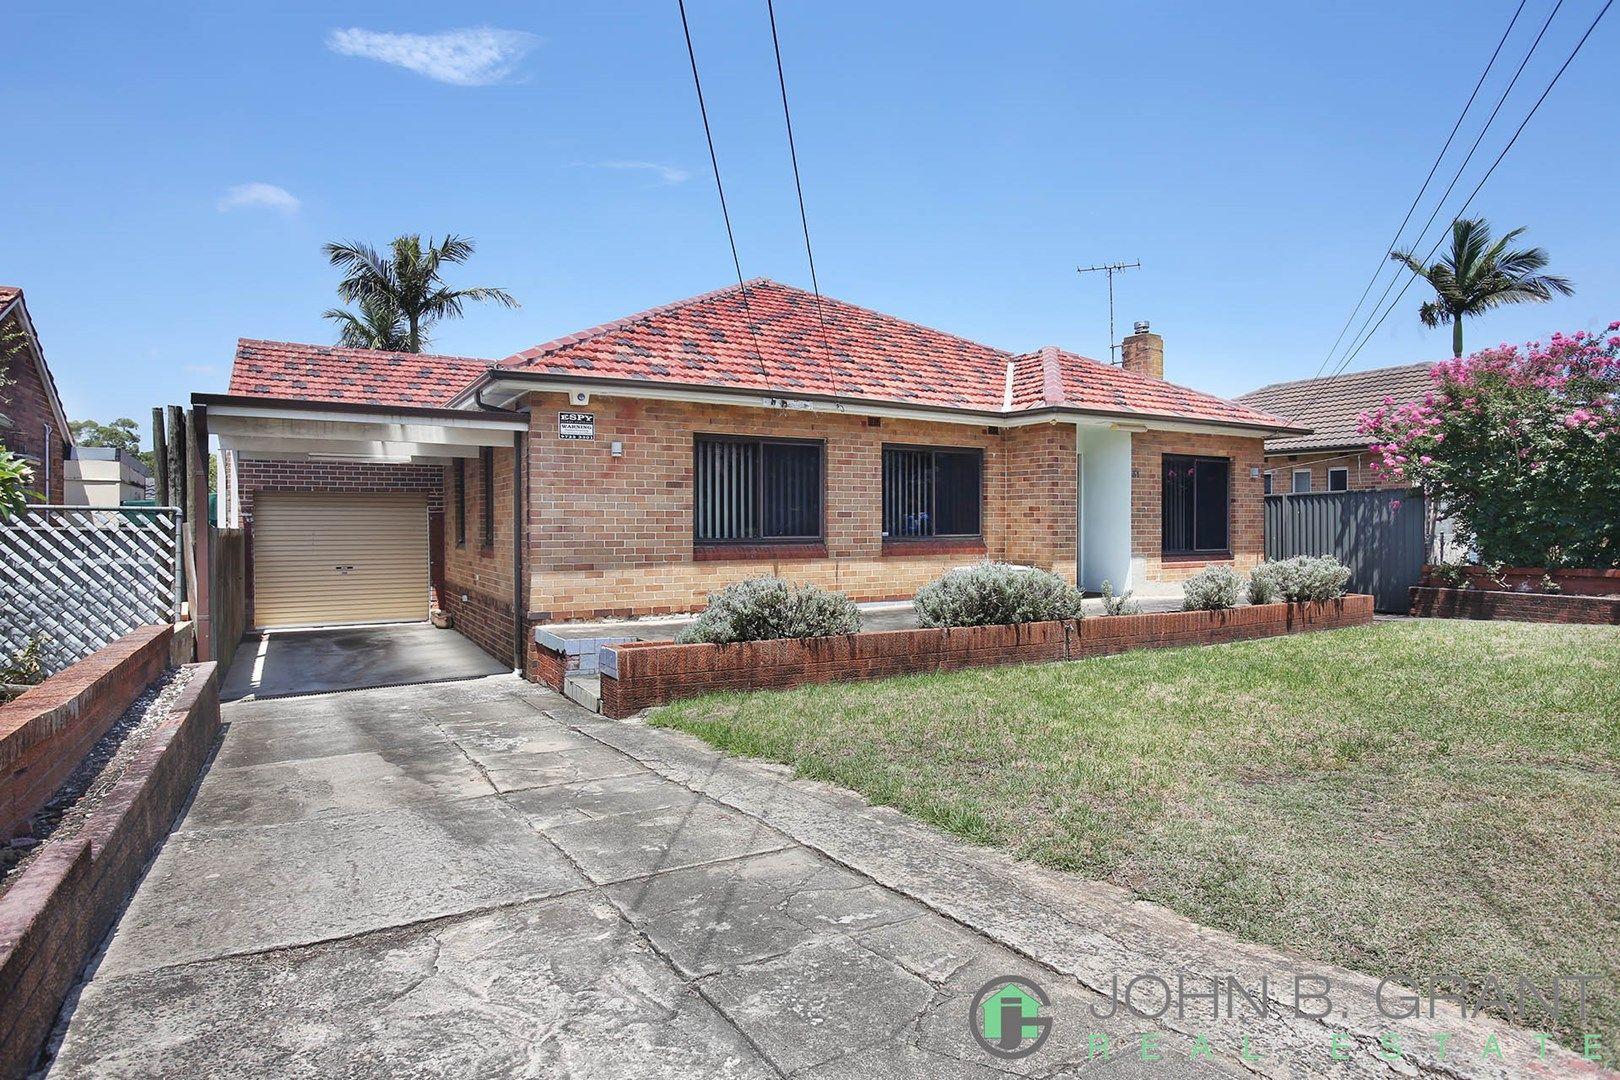 31 Goonaroi Street, Villawood NSW 2163, Image 0